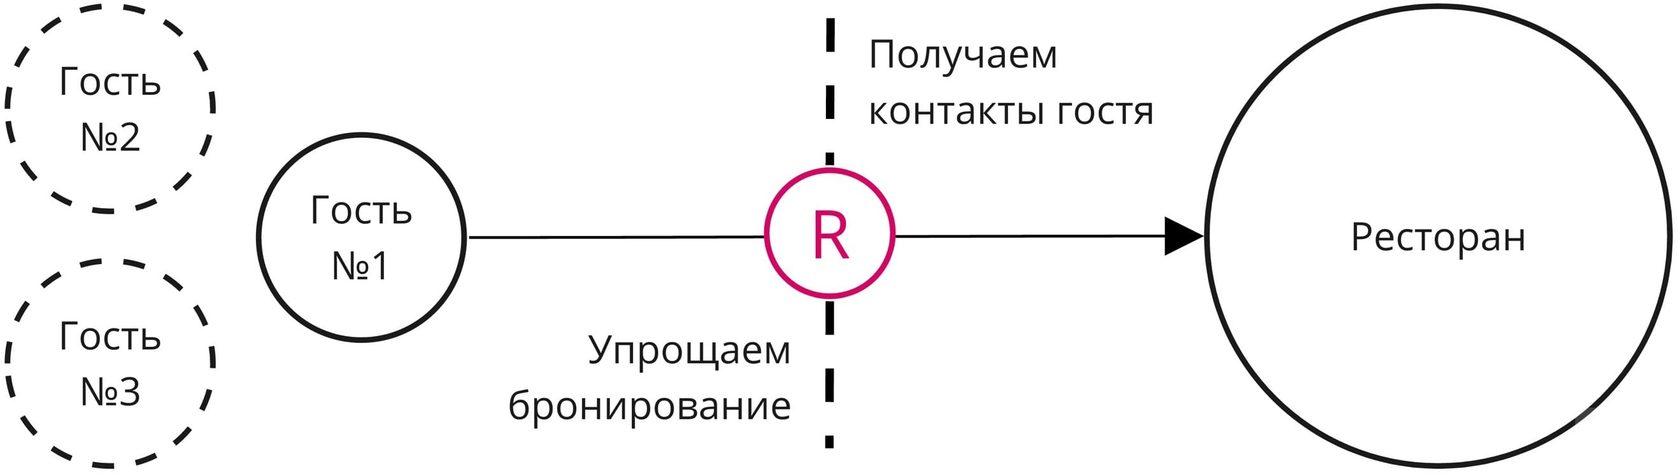 Схема бронирования столов